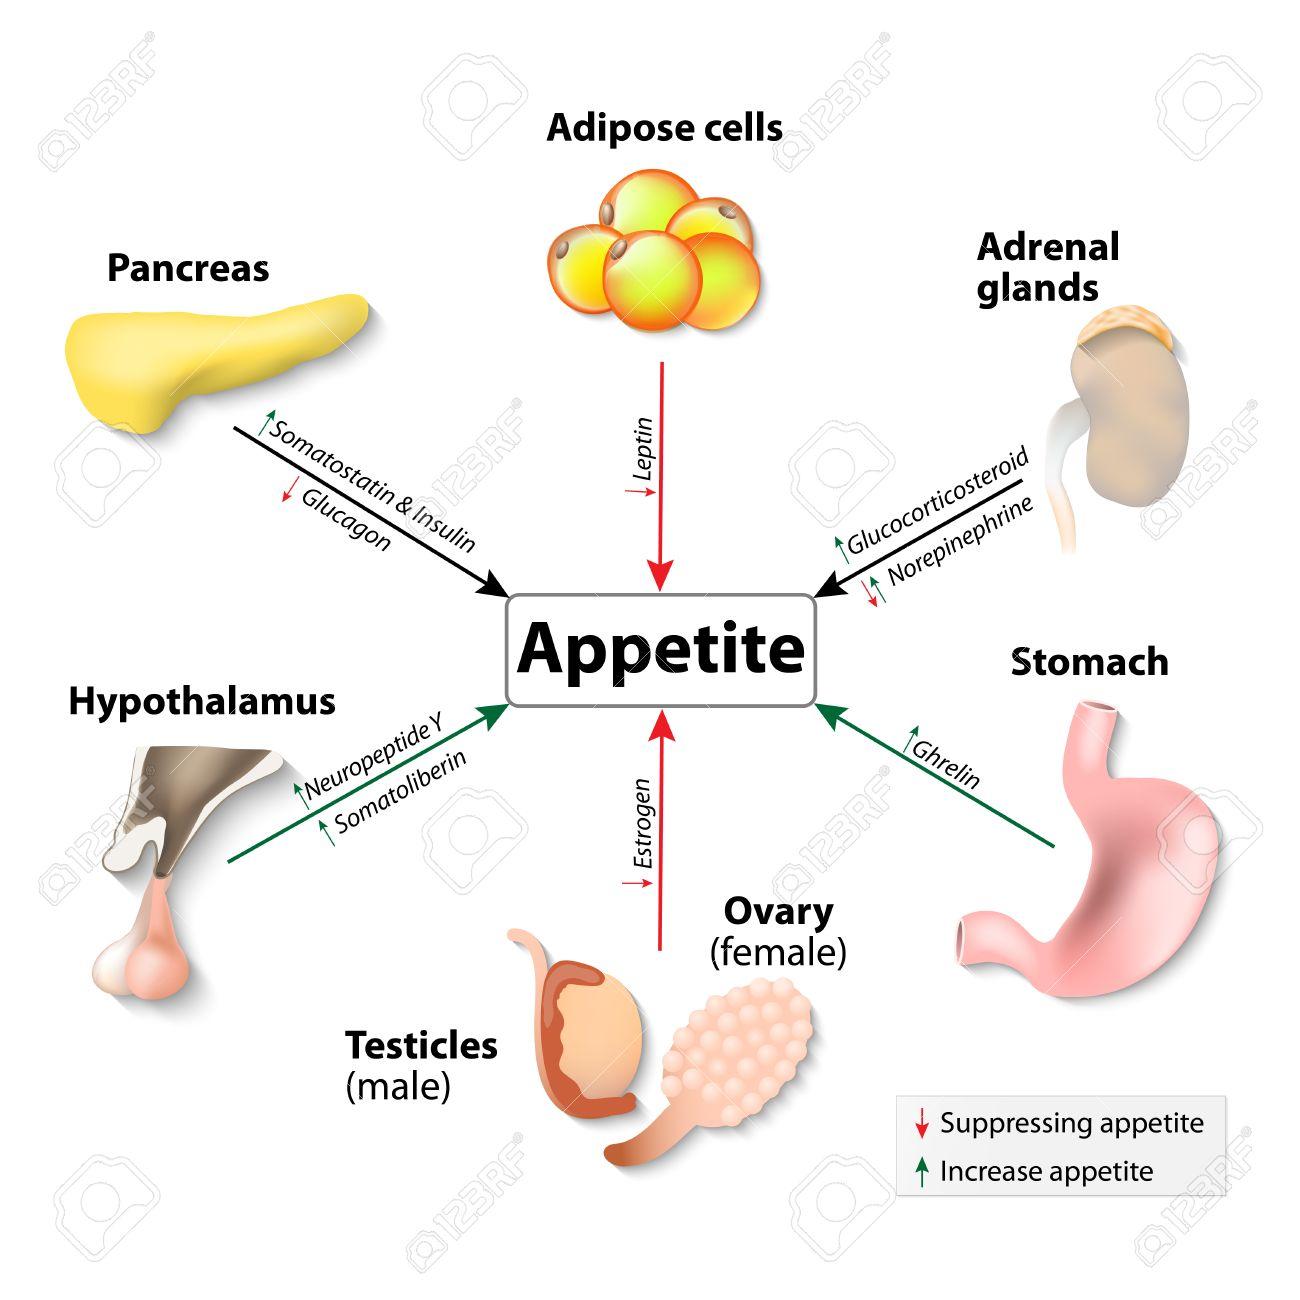 Las Hormonas Y El Apetito. Sistema Endocrino Humano. Órganos Y ...